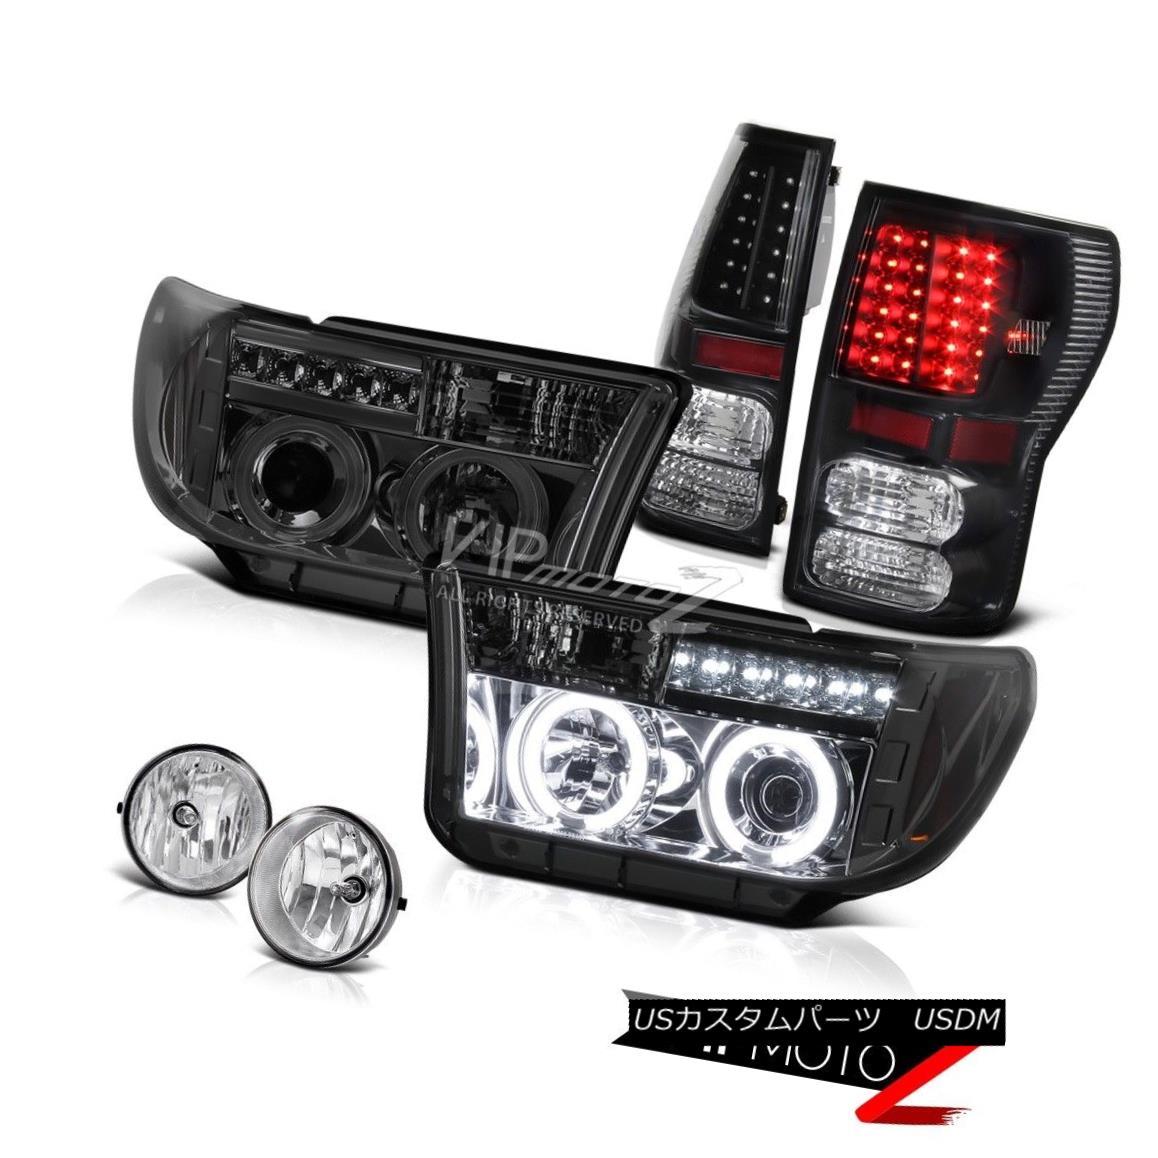 ヘッドライト 07-13 Ttoyota undra CCFL Halo Projector Headlight+Led Tail Light+Fog Lamp 07-13トヨタツンドラCCFLハロープロジェクターヘッドライト+ Ledテールライト+フォグランプ